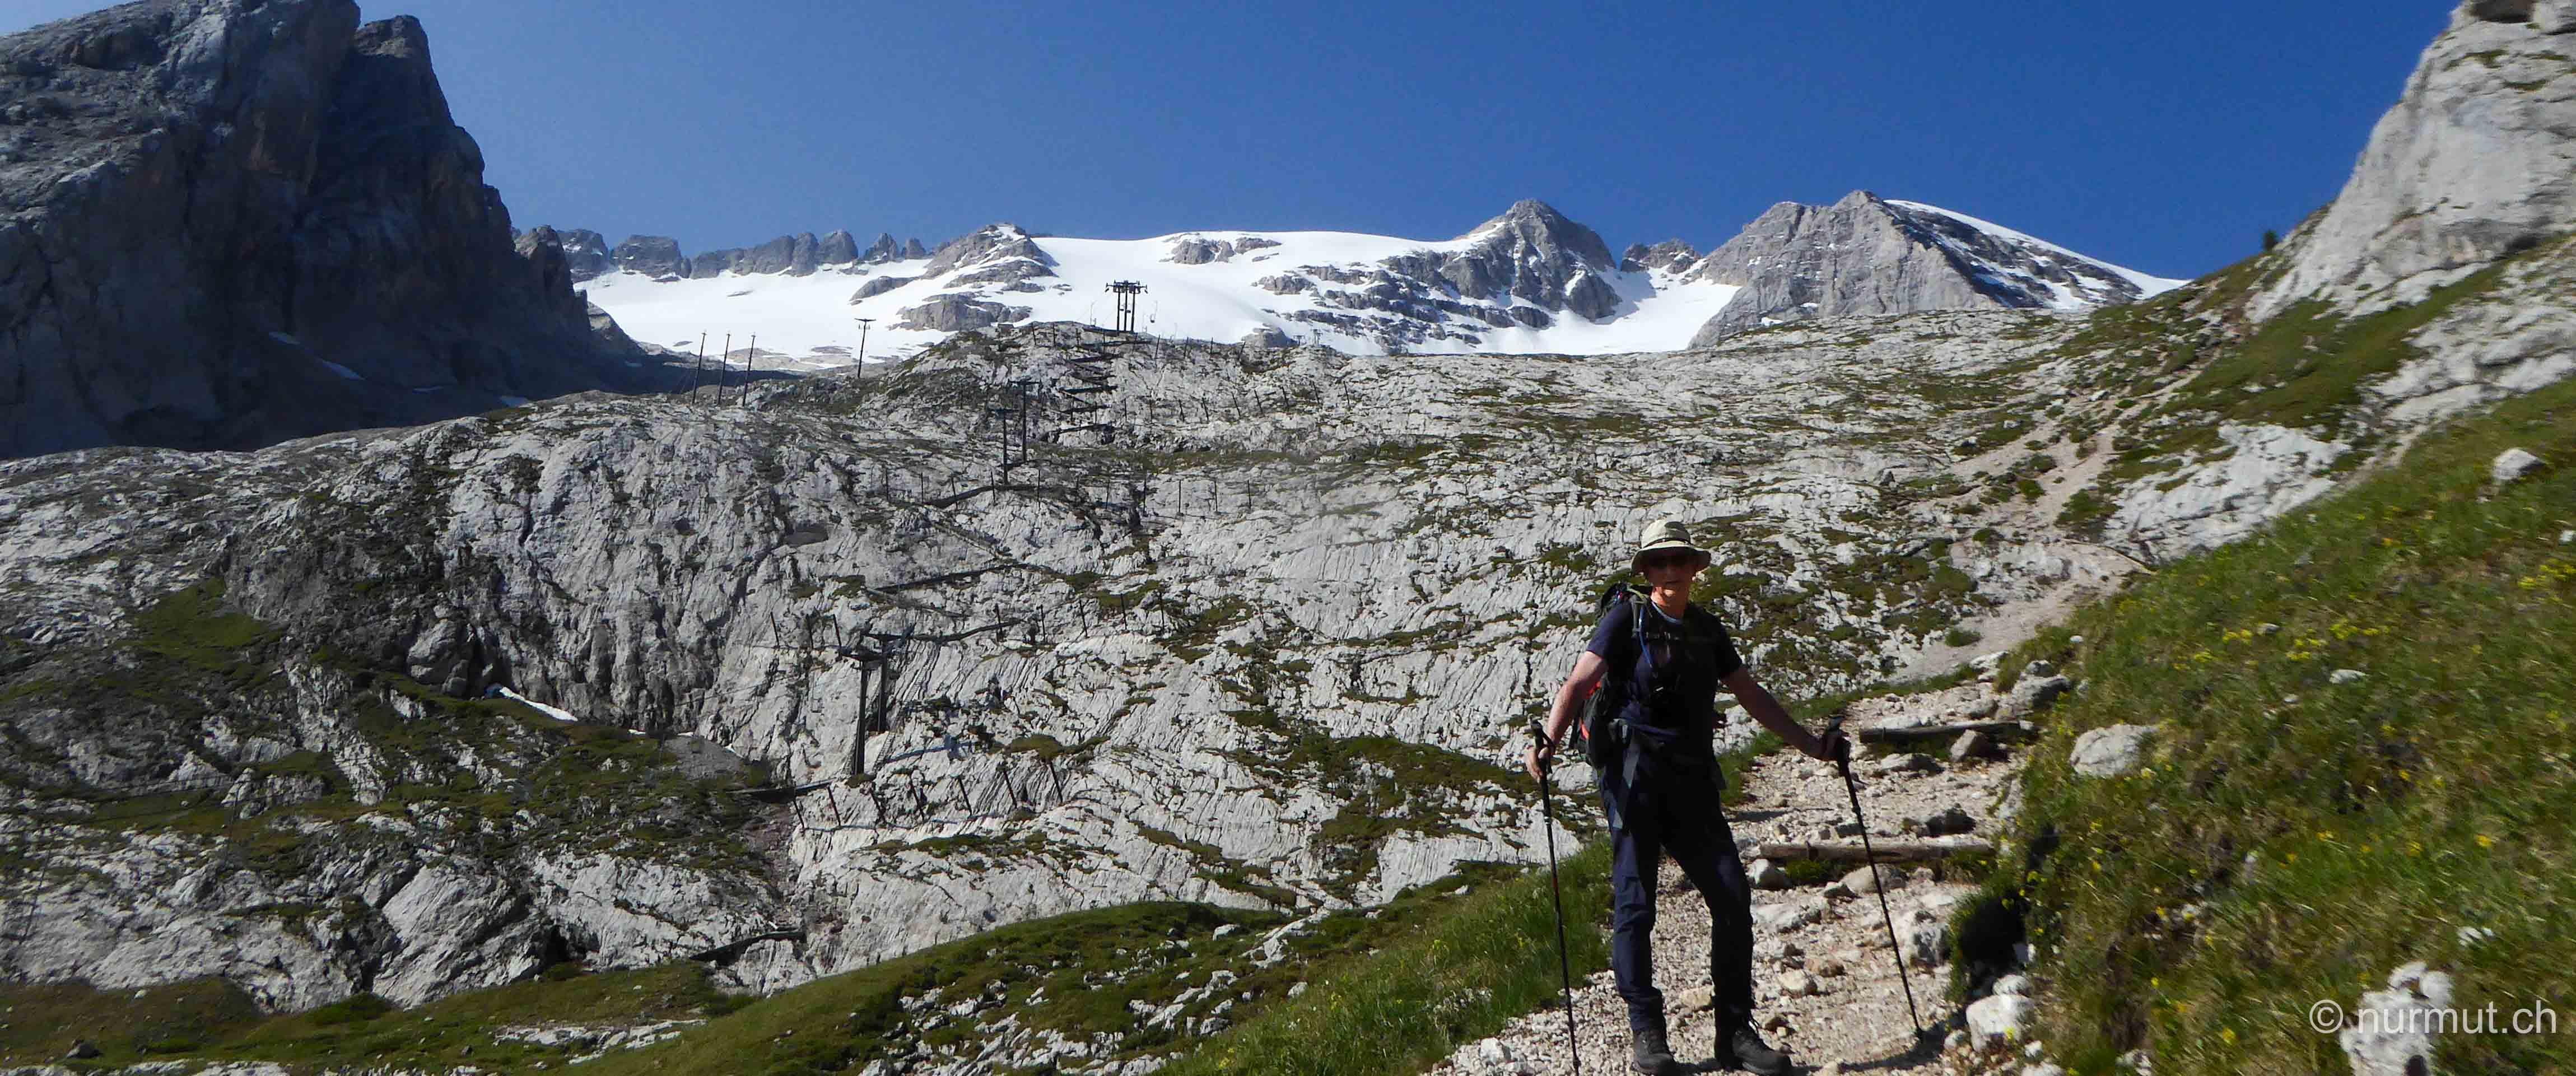 nurmut.ch-marmolada gletscher-dolomiten